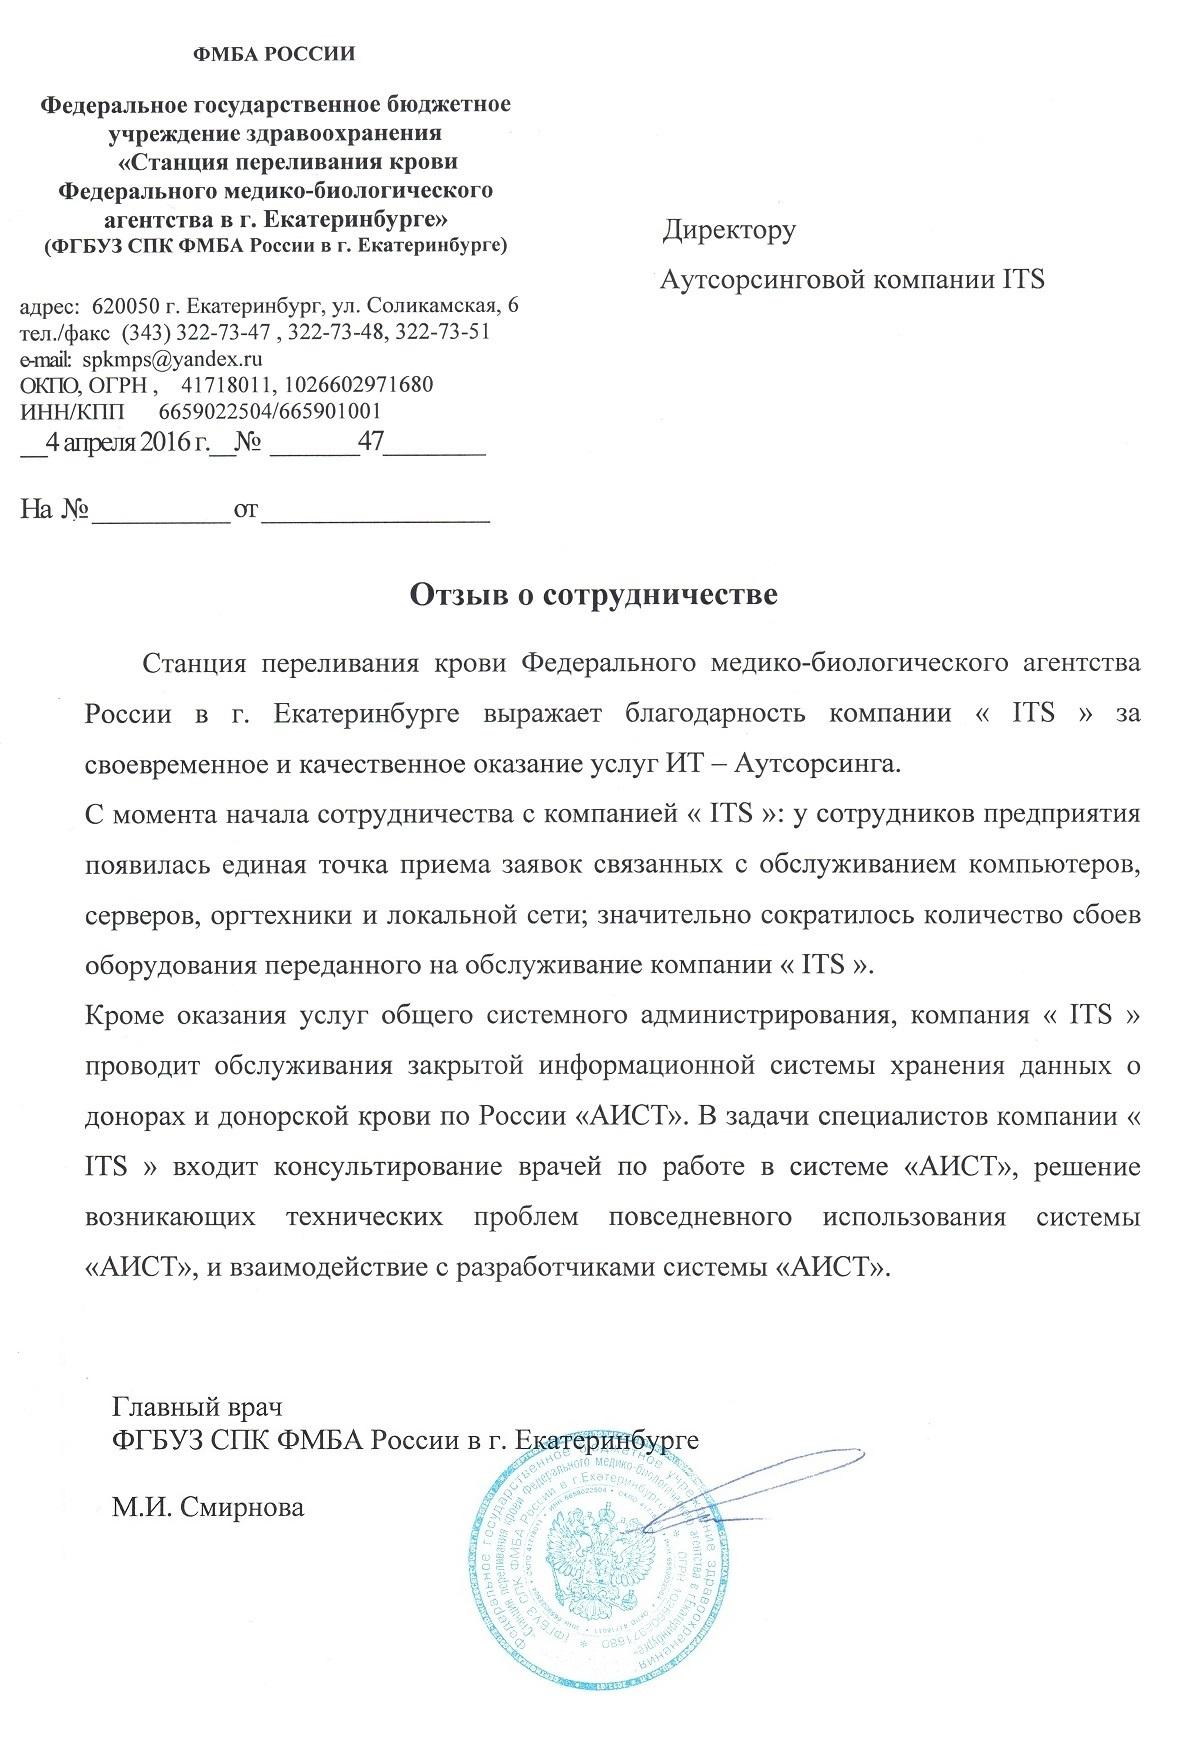 Обслуживание ПК в Екатеринбурге для ФМБА России